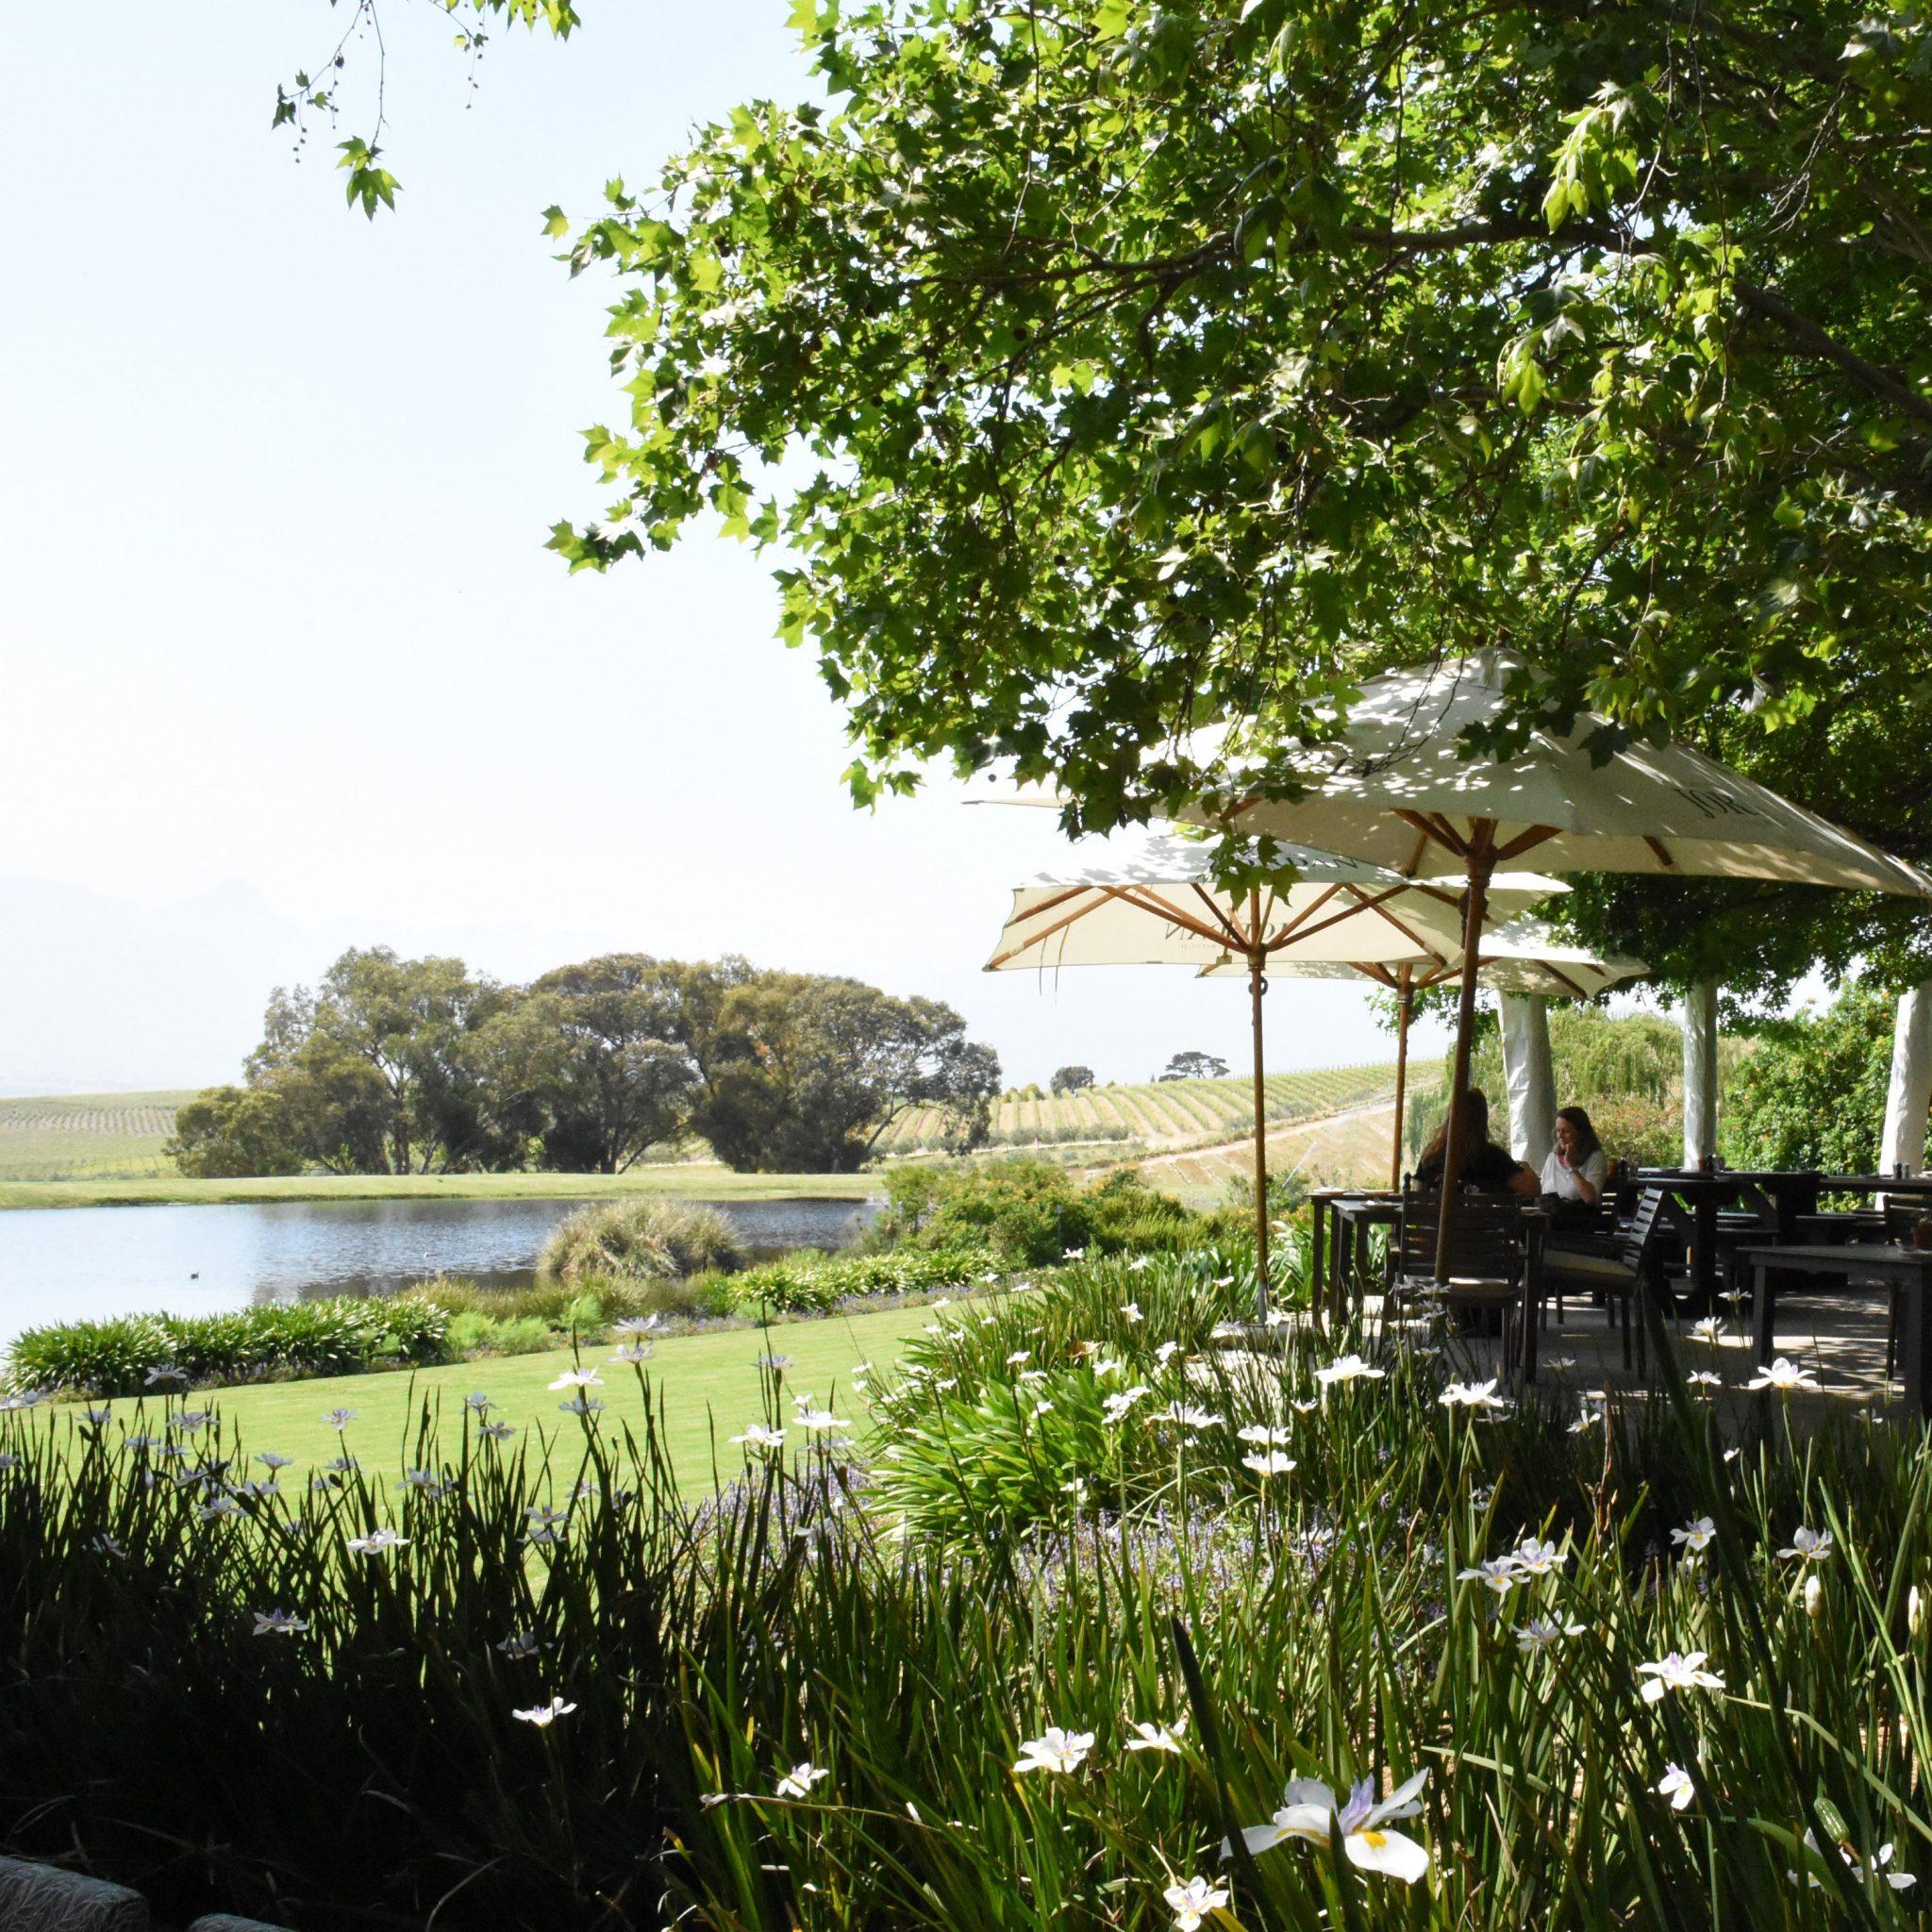 Views of the tranquil lake, Jordan Estate, Sonia Cabano blog eatdrinkcapetown